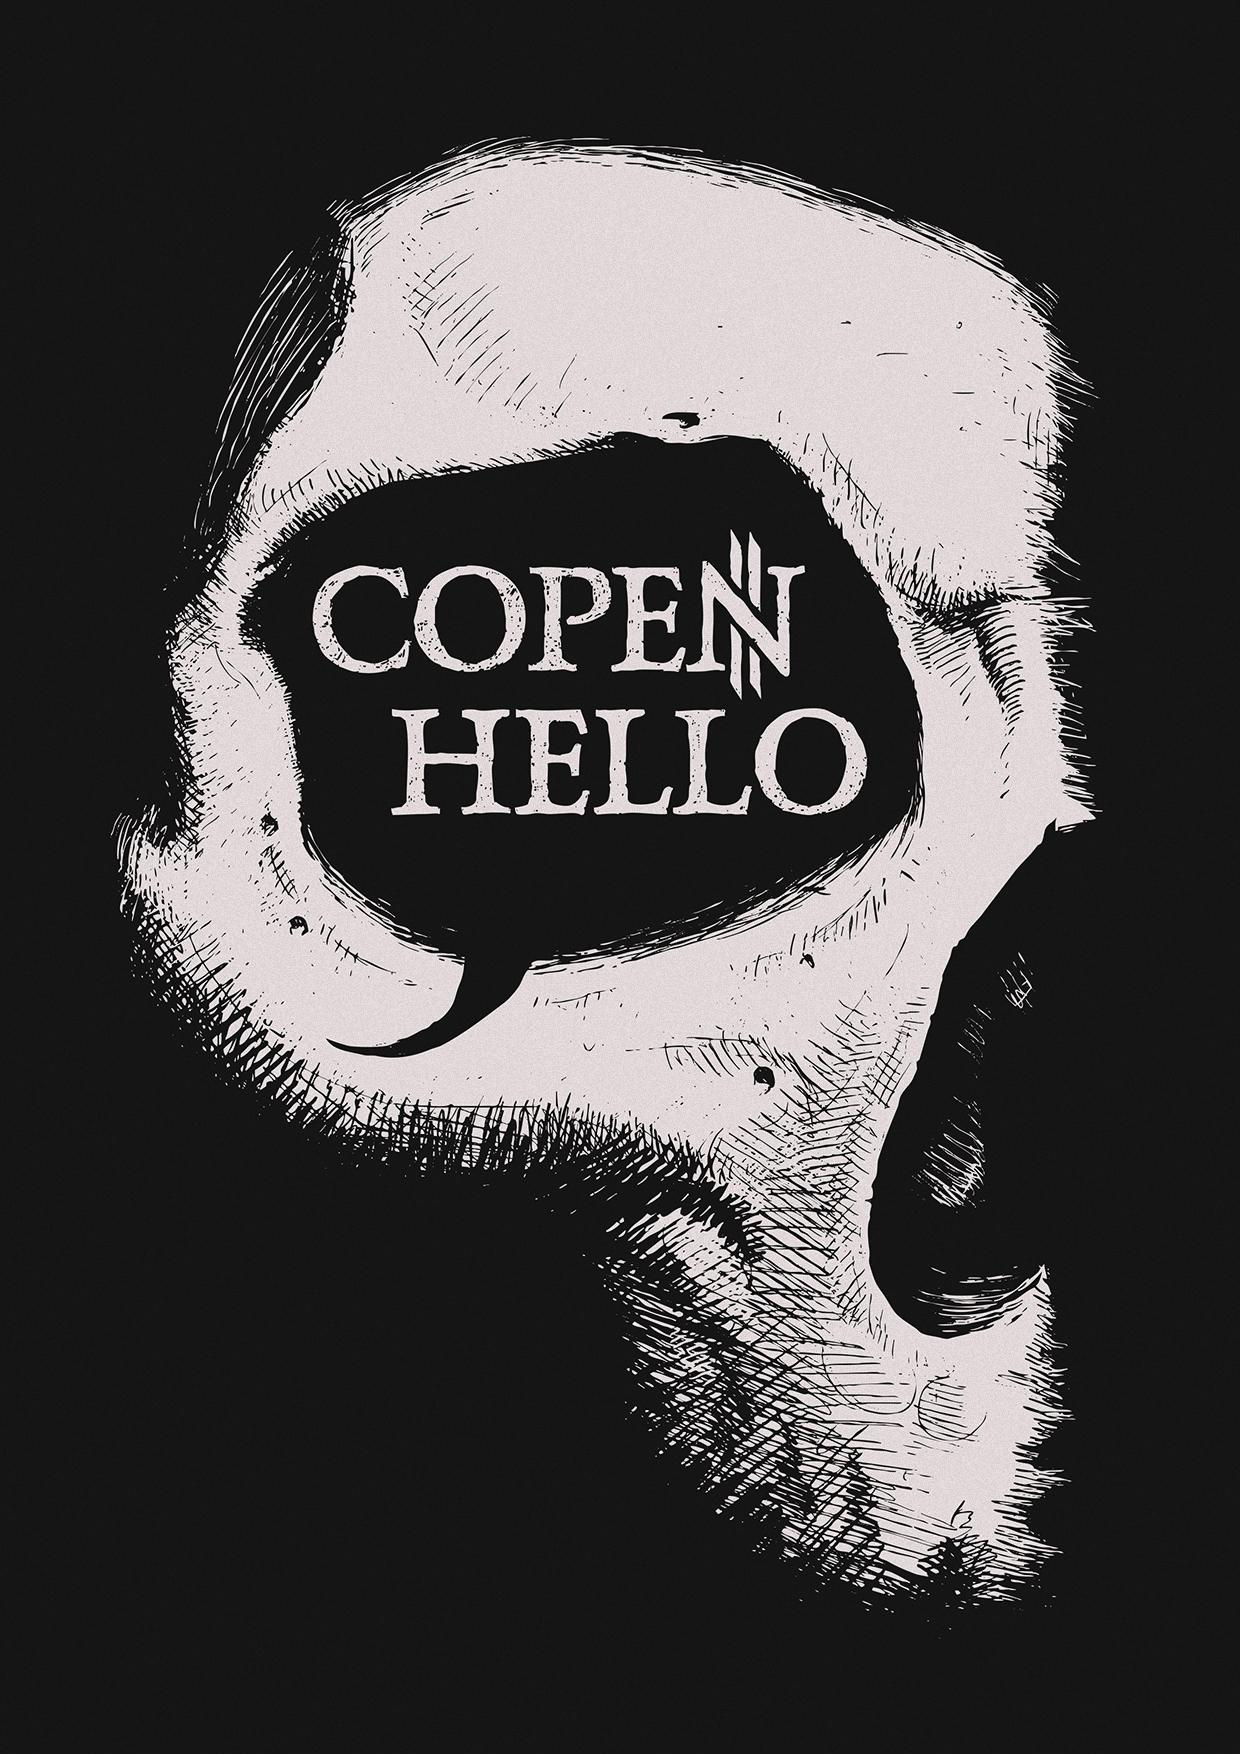 Copenhello